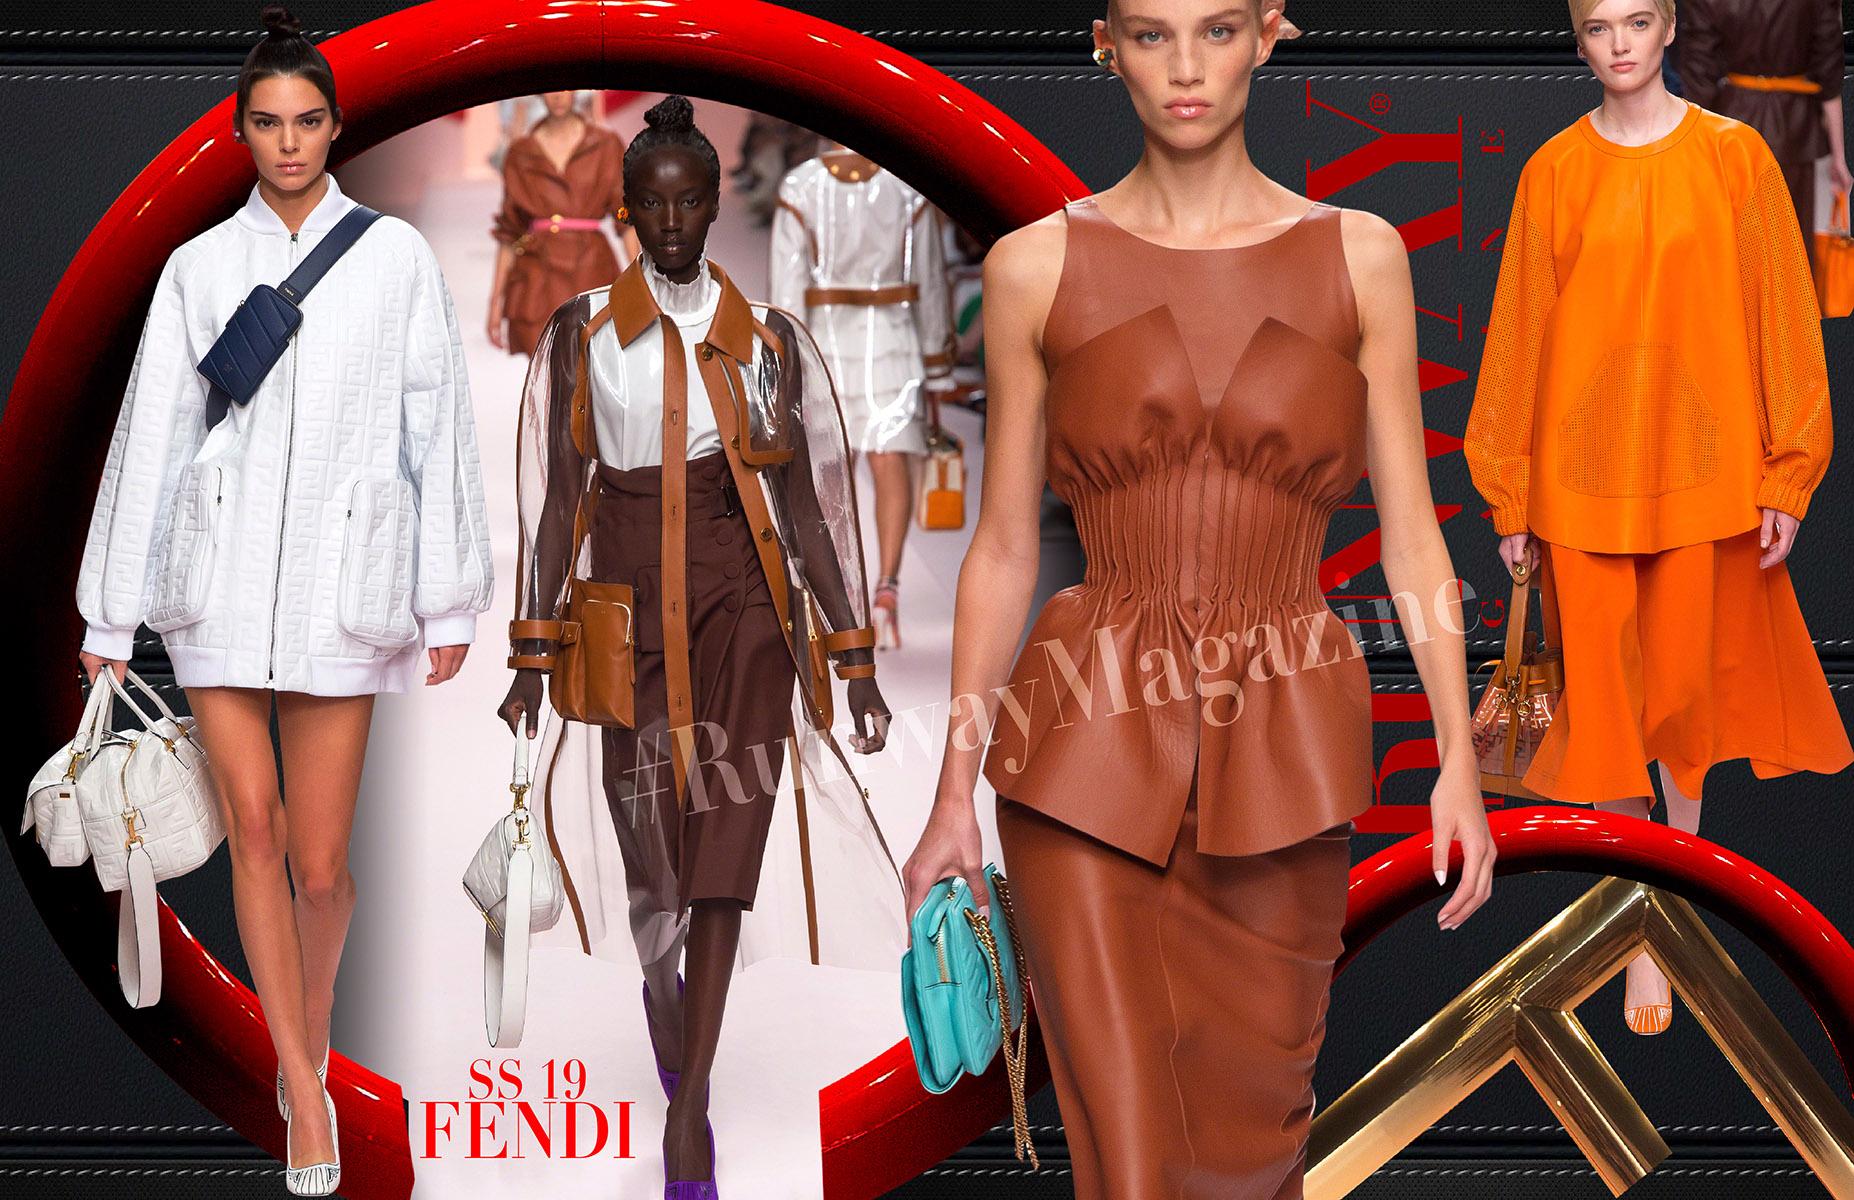 Fendi,TENDANCES DE COULEURS, Guillaumette Duplaix, Runway Magazine